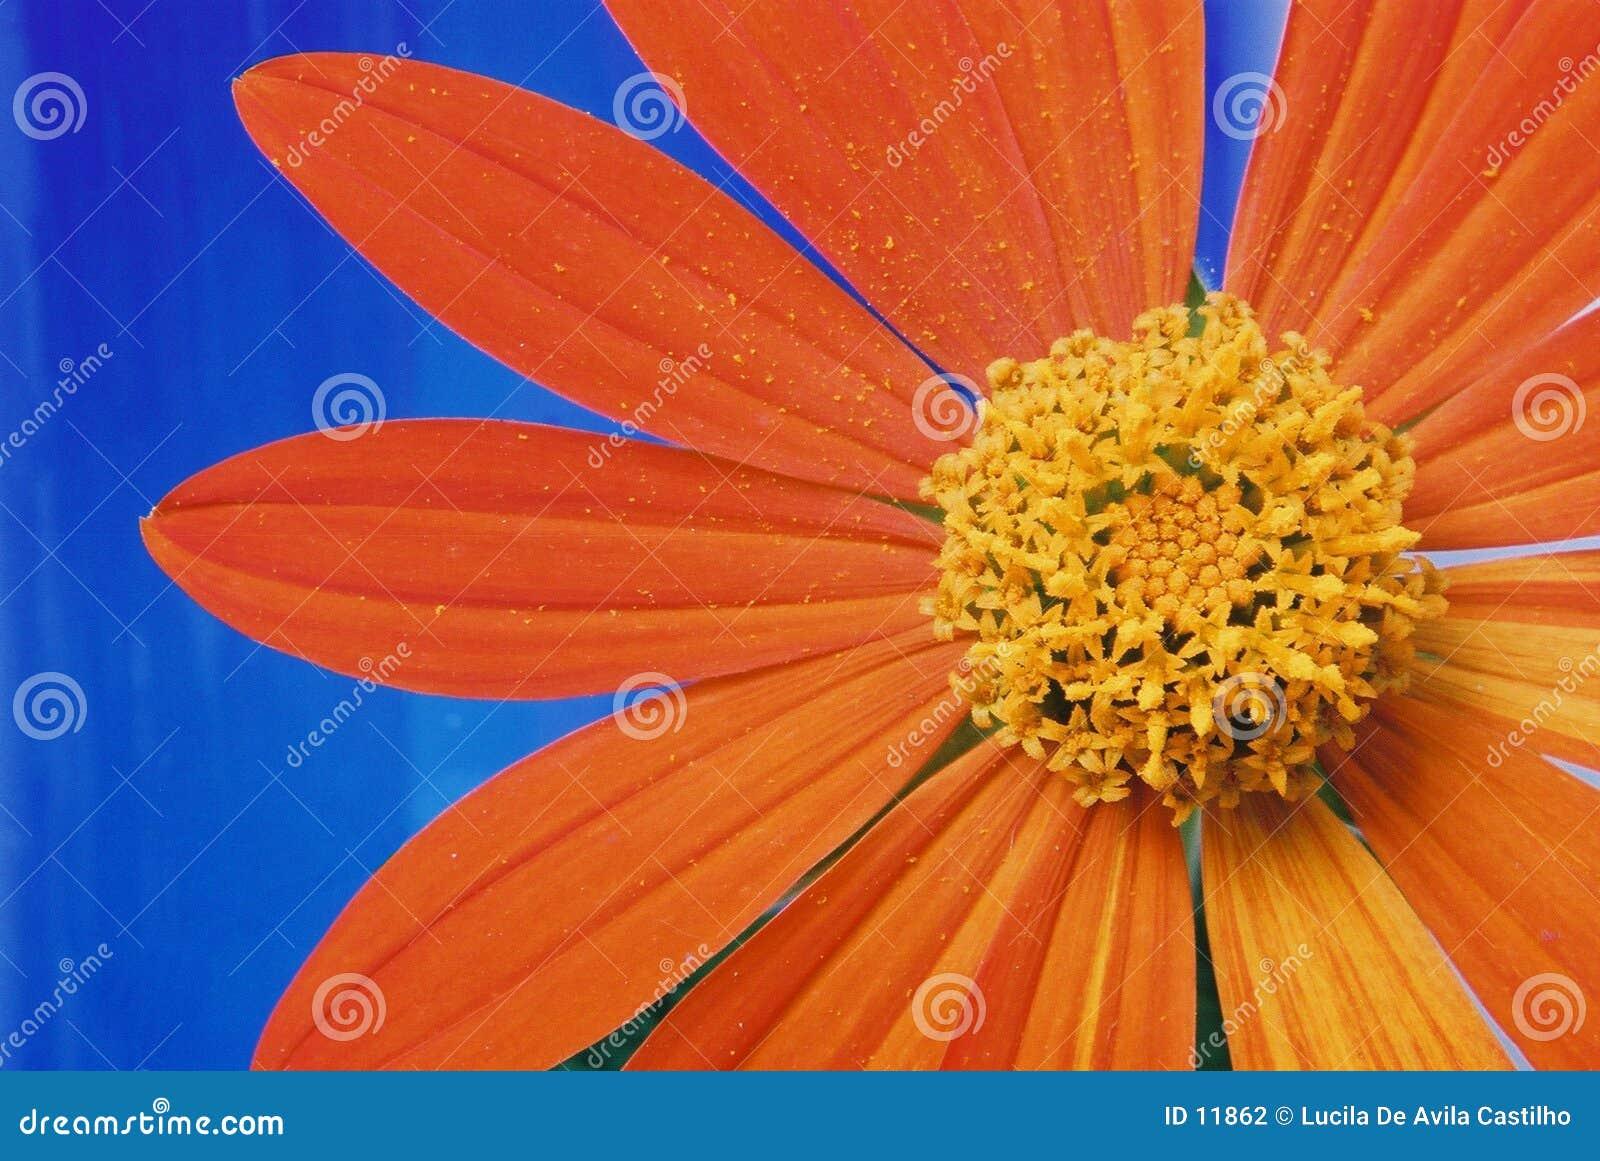 Kwiat pomarańczy płatki